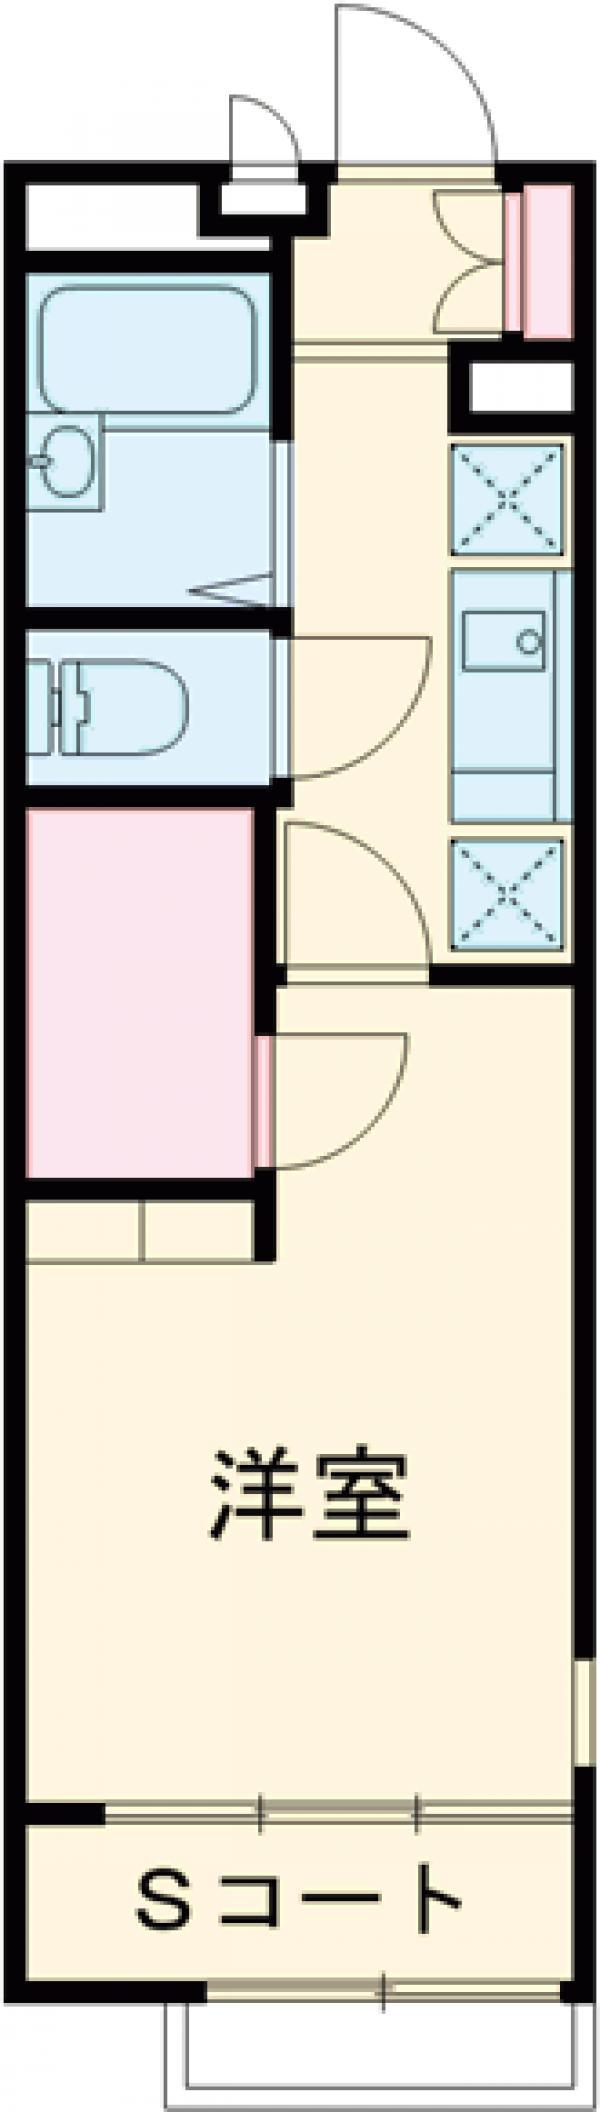 レオパレスアルタイルⅡ・105号室の間取り